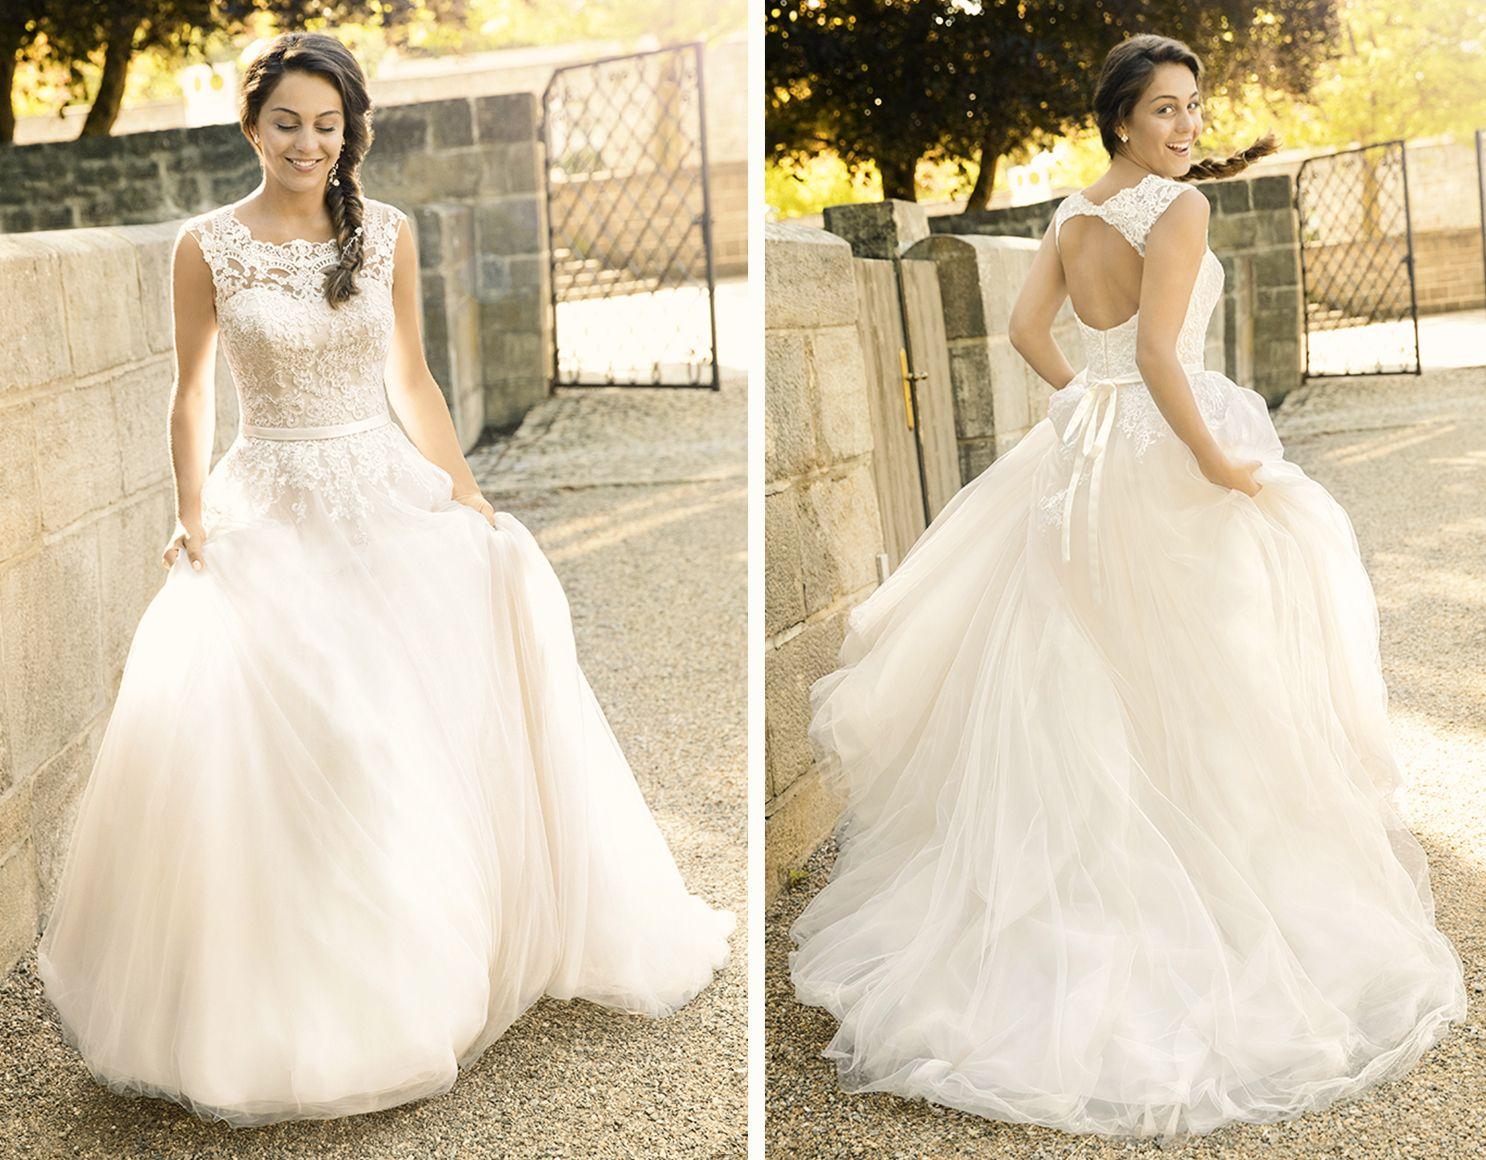 Kleemeier #Brautmode #Brautkleid #Hochzeitskleid #bridal So ...